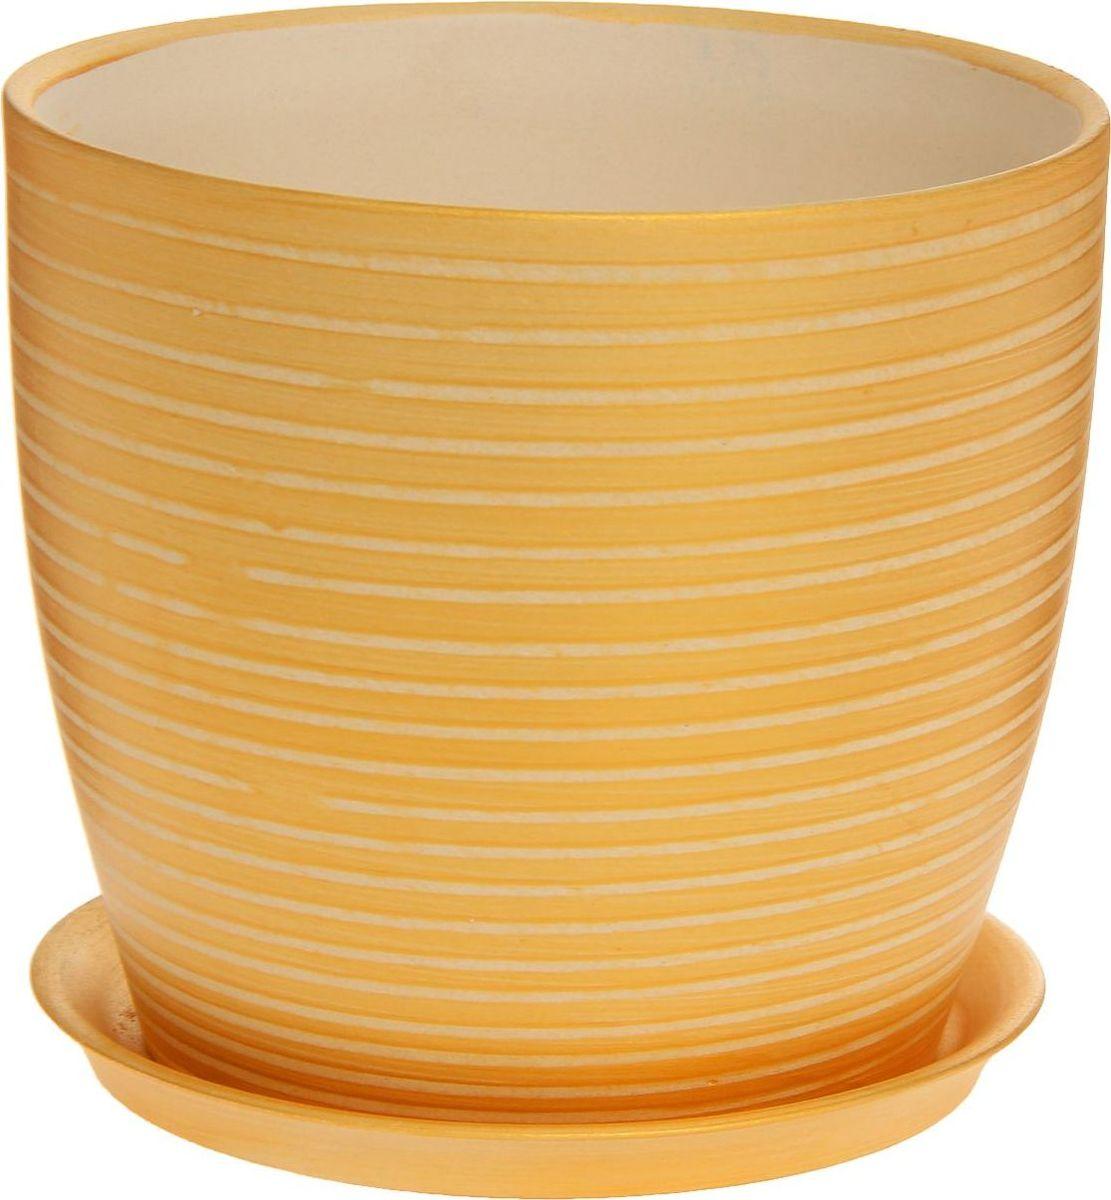 Кашпо Керамика ручной работы Осень. Радуга, цвет: золотой, 3 л1170367Комнатные растения — всеобщие любимцы. Они радуют глаз, насыщают помещение кислородом и украшают пространство. Каждому из них необходим свой удобный и красивый дом. Кашпо из керамики прекрасно подходят для высадки растений: за счёт пластичности глины и разных способов обработки существует великое множество форм и дизайновпористый материал позволяет испаряться лишней влагевоздух, необходимый для дыхания корней, проникает сквозь керамические стенки! #name# позаботится о зелёном питомце, освежит интерьер и подчеркнёт его стиль.